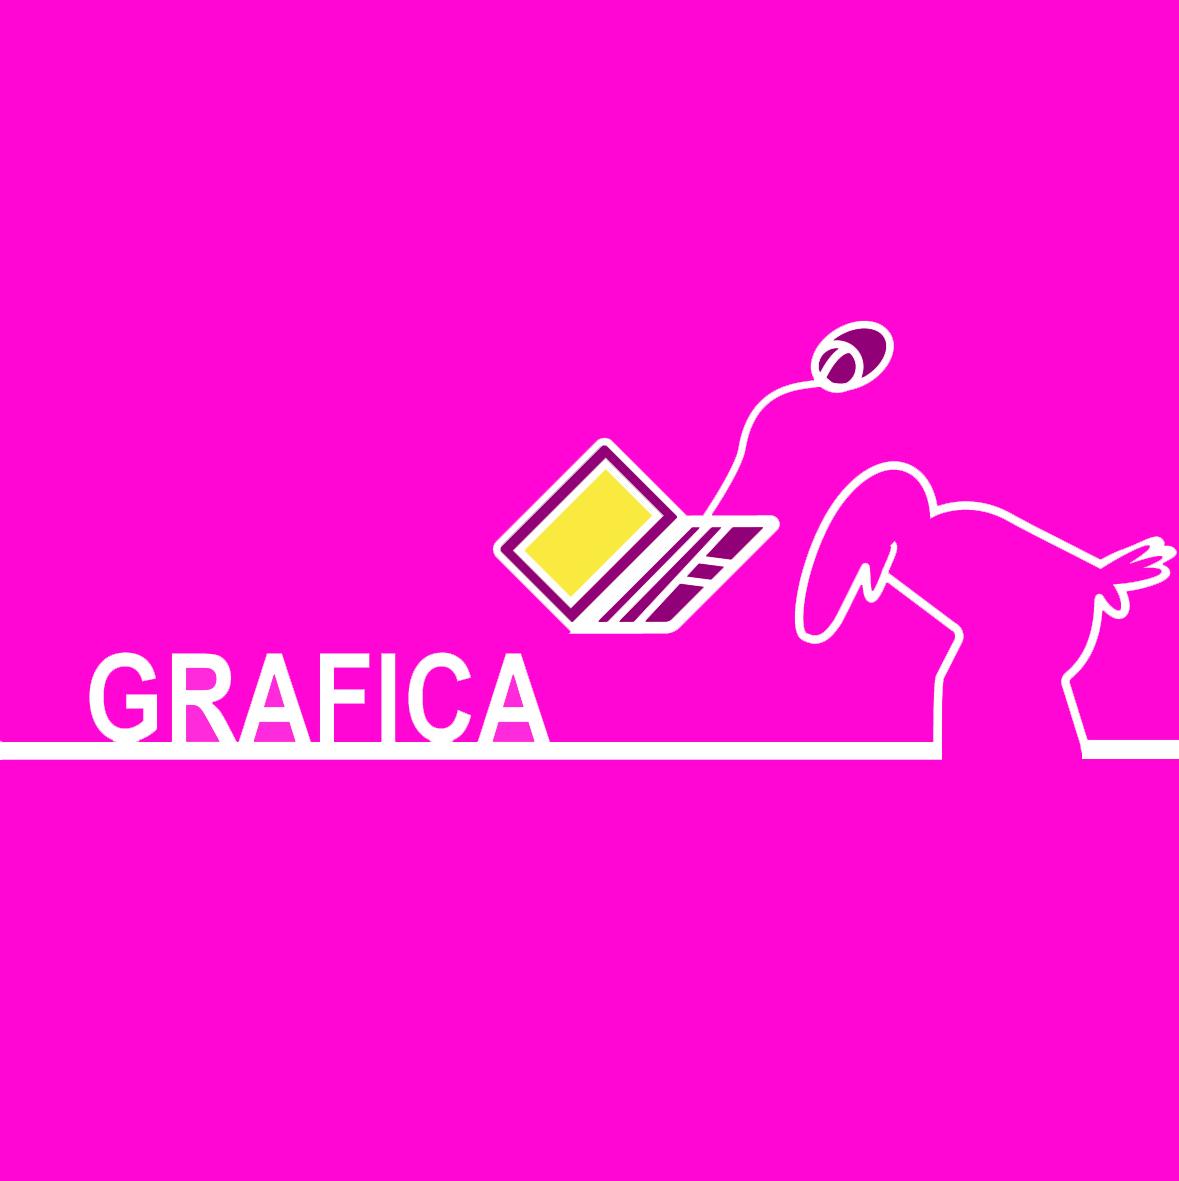 Grafica Fk